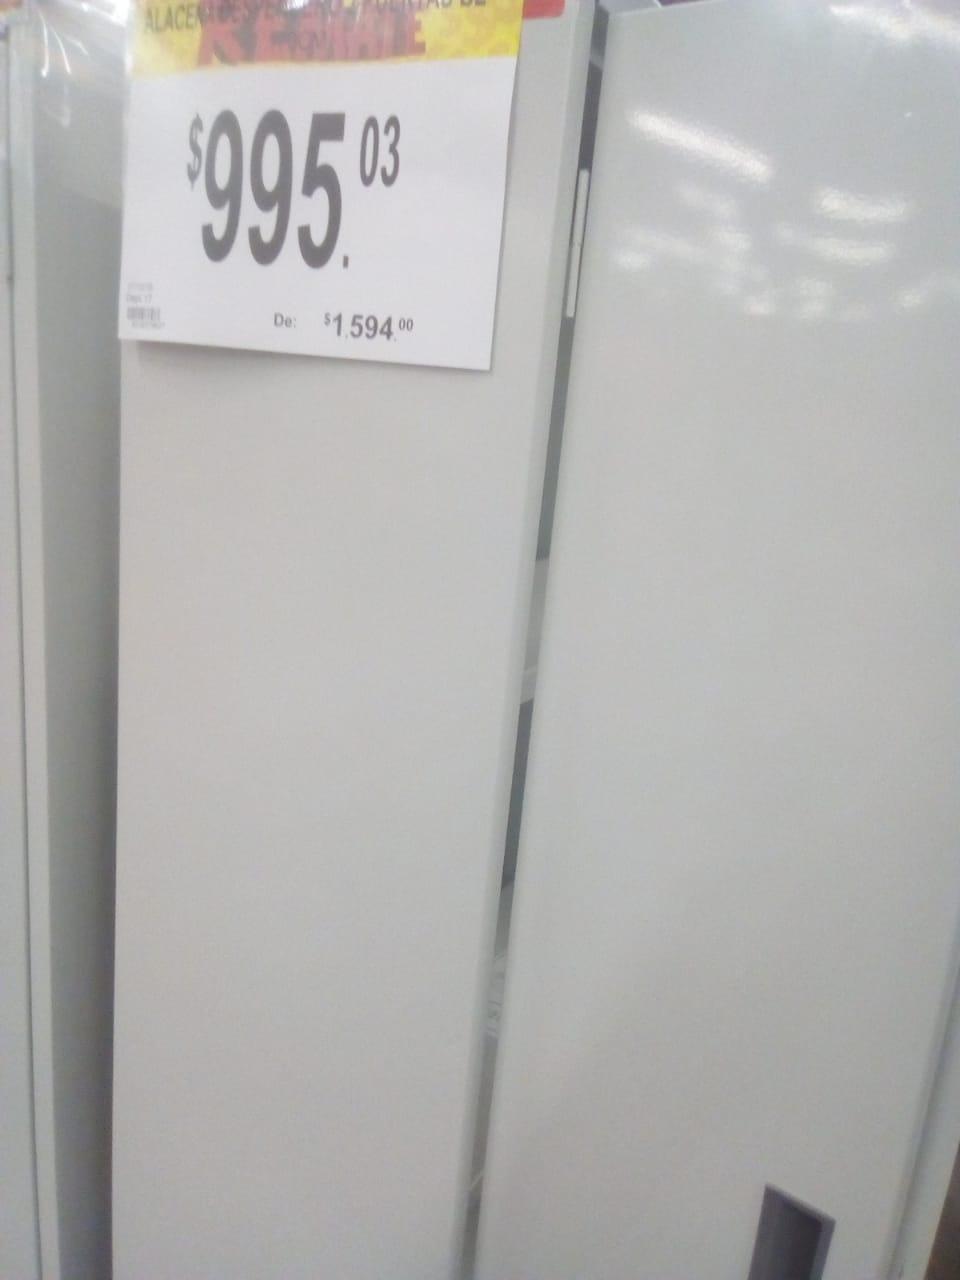 2453114-ar0Y5.jpg